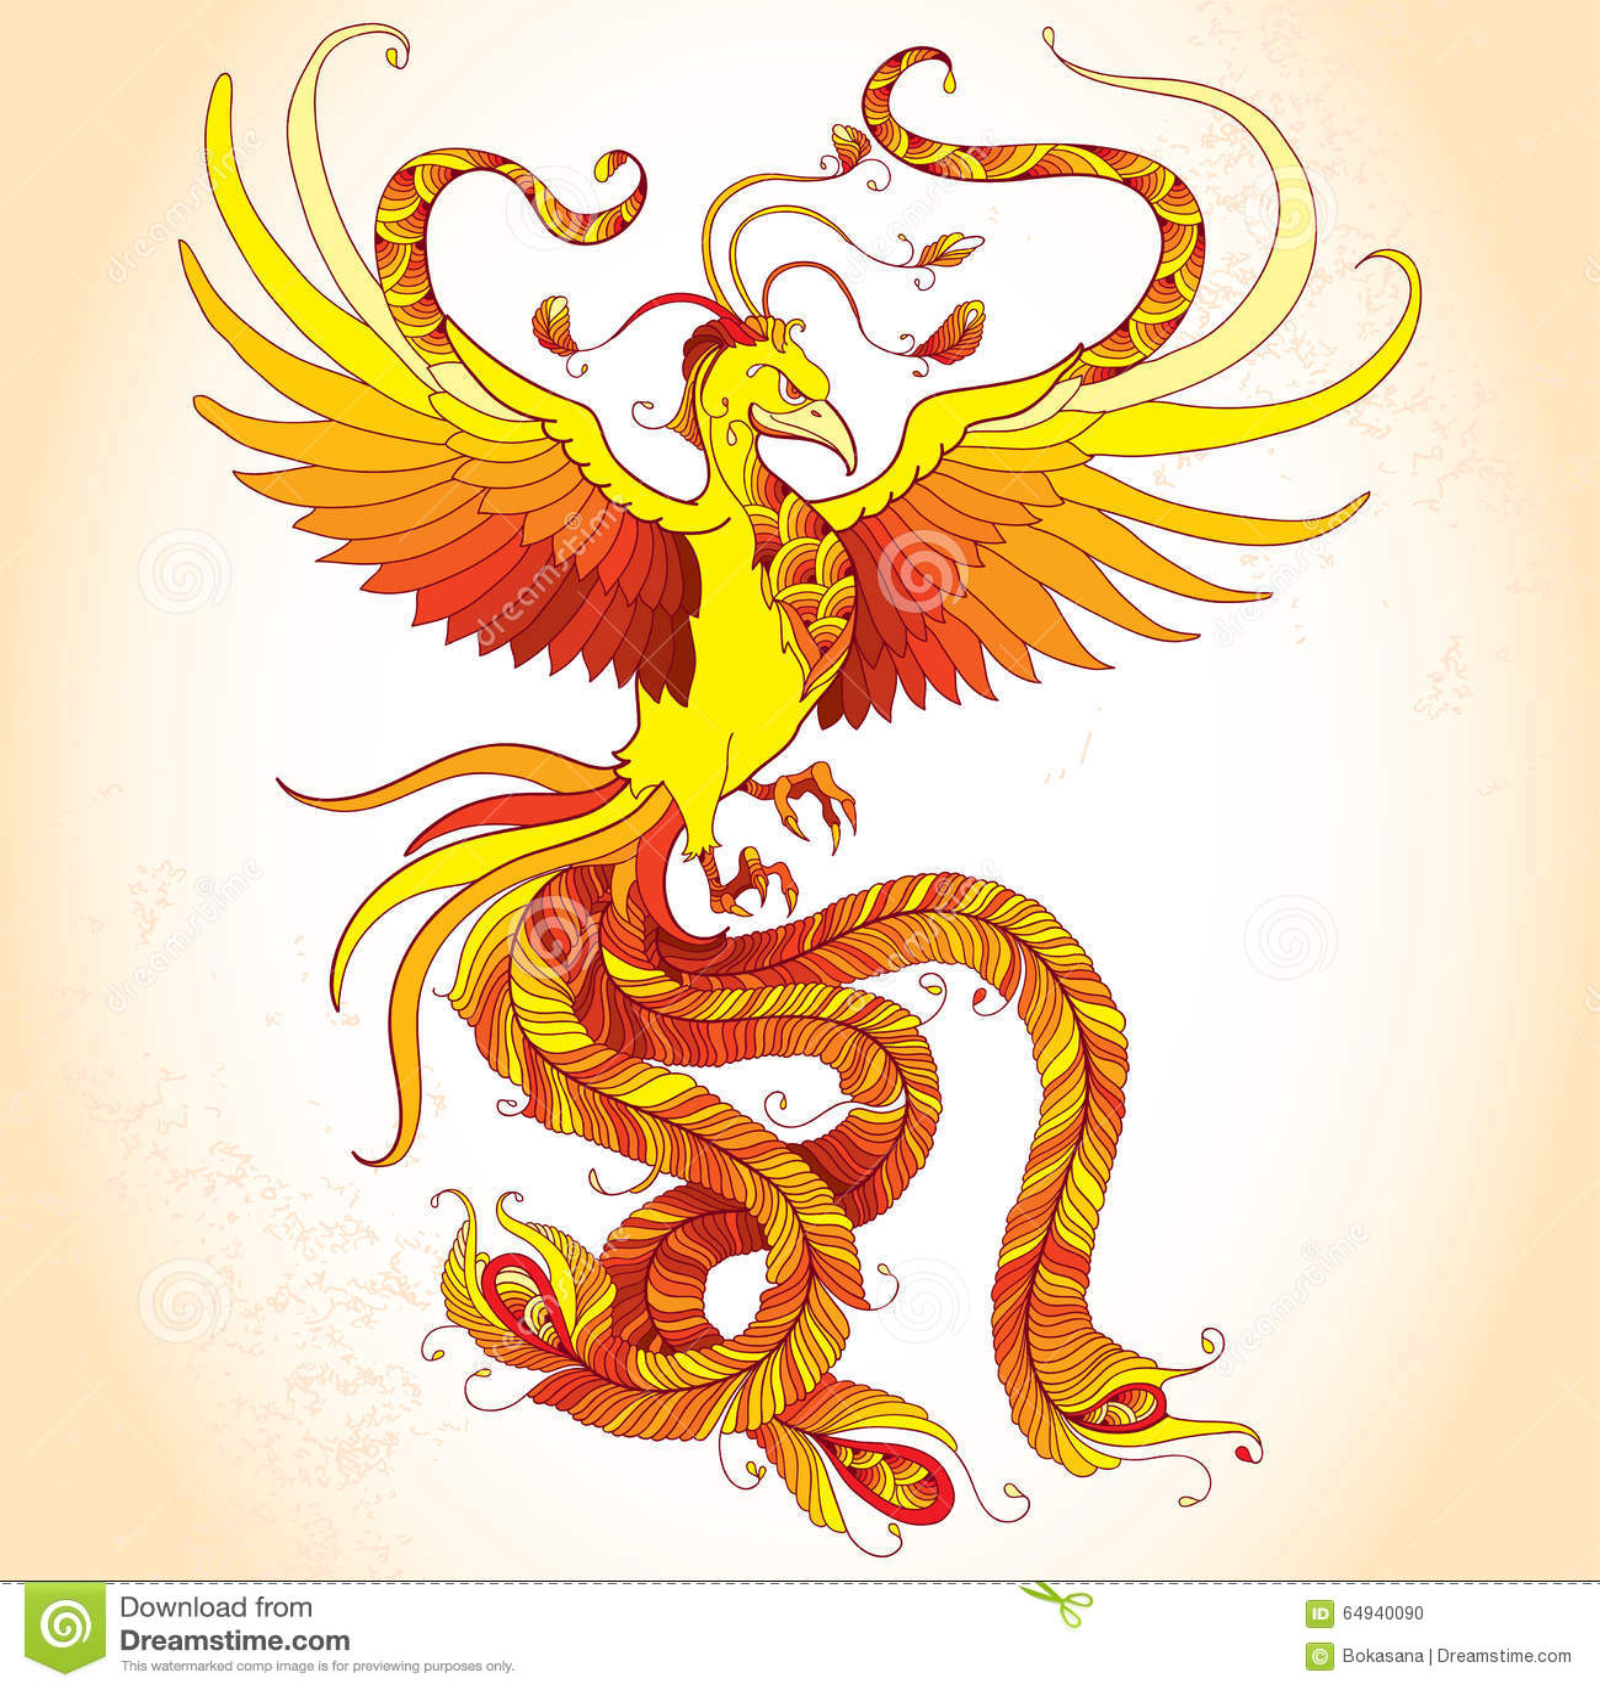 Phoenix mythologique ou phenix sur le fond beige oiseau l gendaire qui est cycliquement ren - Photo de phenix ...